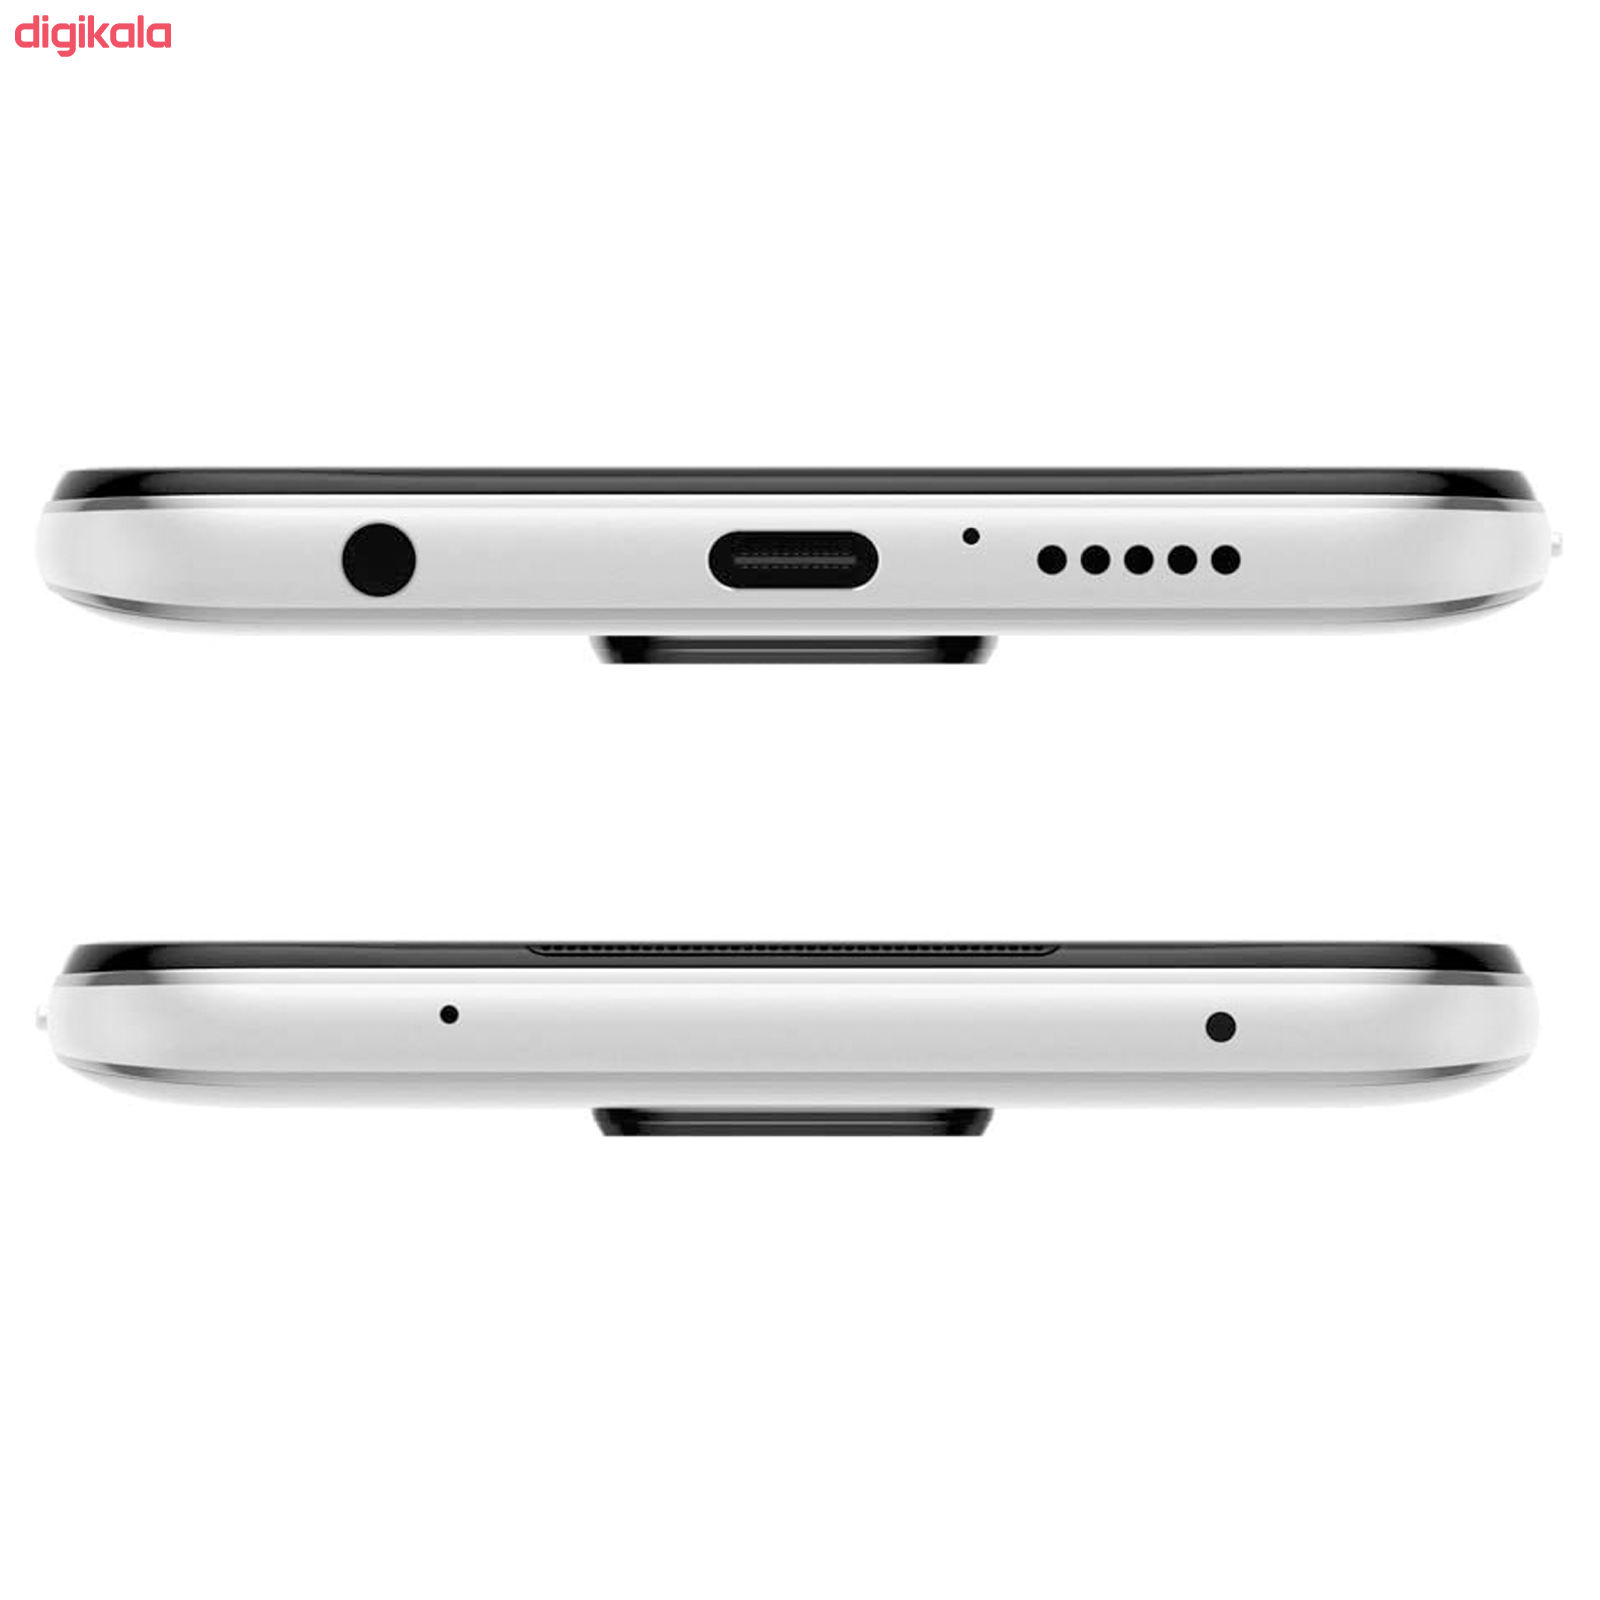 گوشی موبایل شیائومی مدل Redmi Note 9S M2003J6A1G دو سیم کارت ظرفیت 128گیگابایت main 1 4